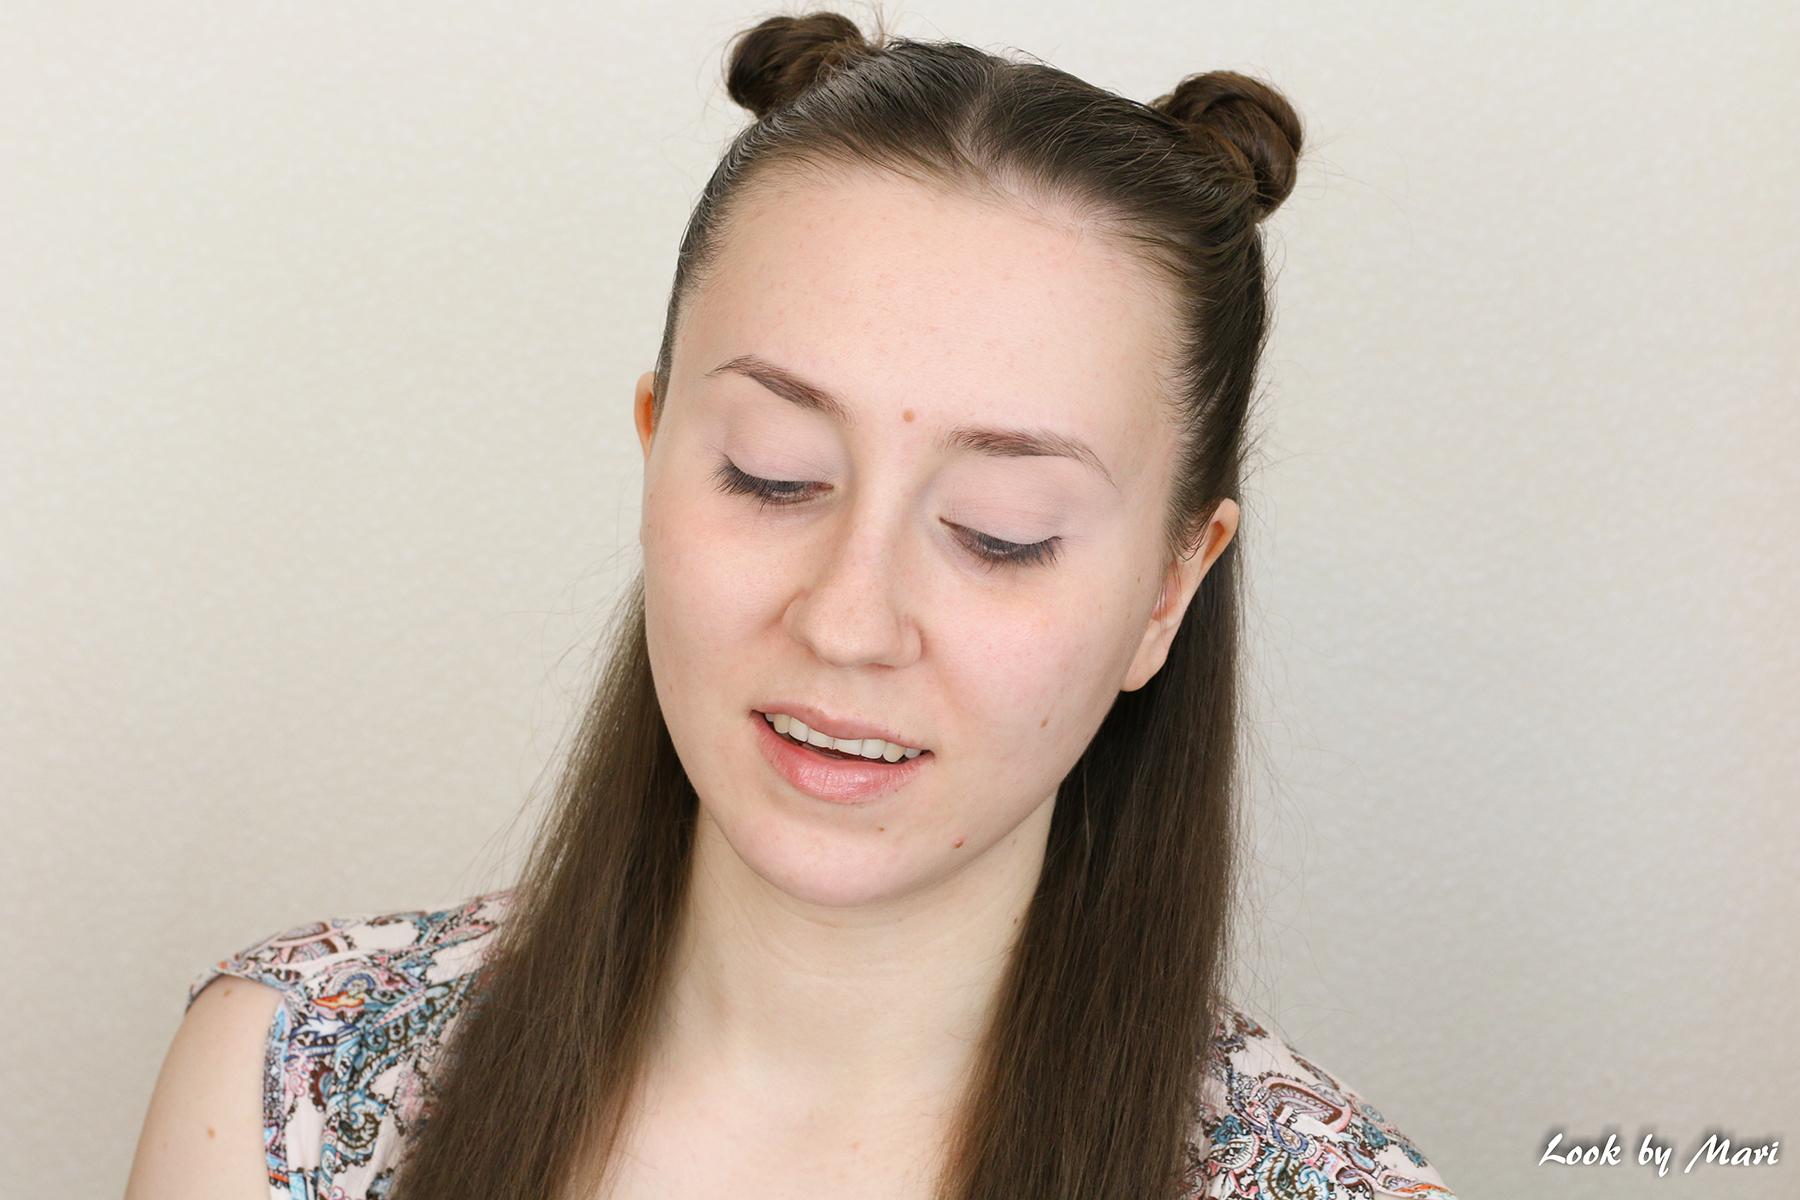 2 lumene meikkivoide seerumi beauty serum kokemuksia uudistus blogi